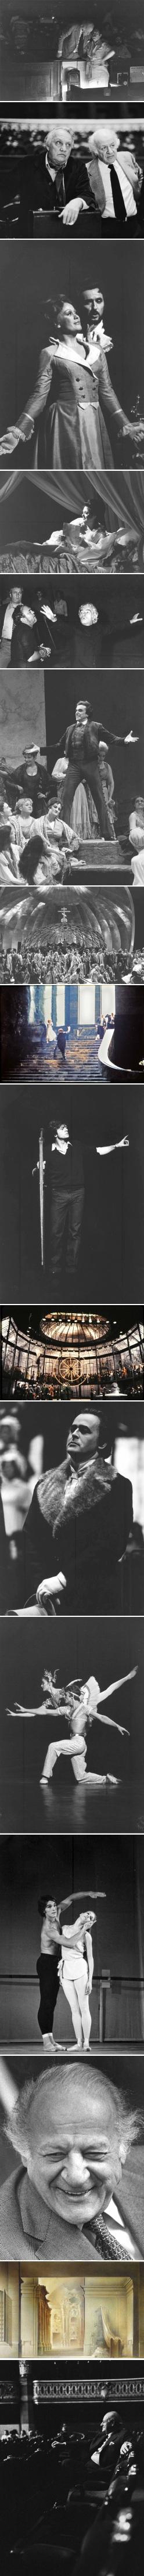 Rolf Liebermann, Opéra de Paris, RTLN , réunion des théâtres lyriques nationaux, palais Garnier, bibliothèque-musée de lopéra, Mathias Auclair, Christophe Ghristi, Aurélien Poidevin, Marcel Landowski